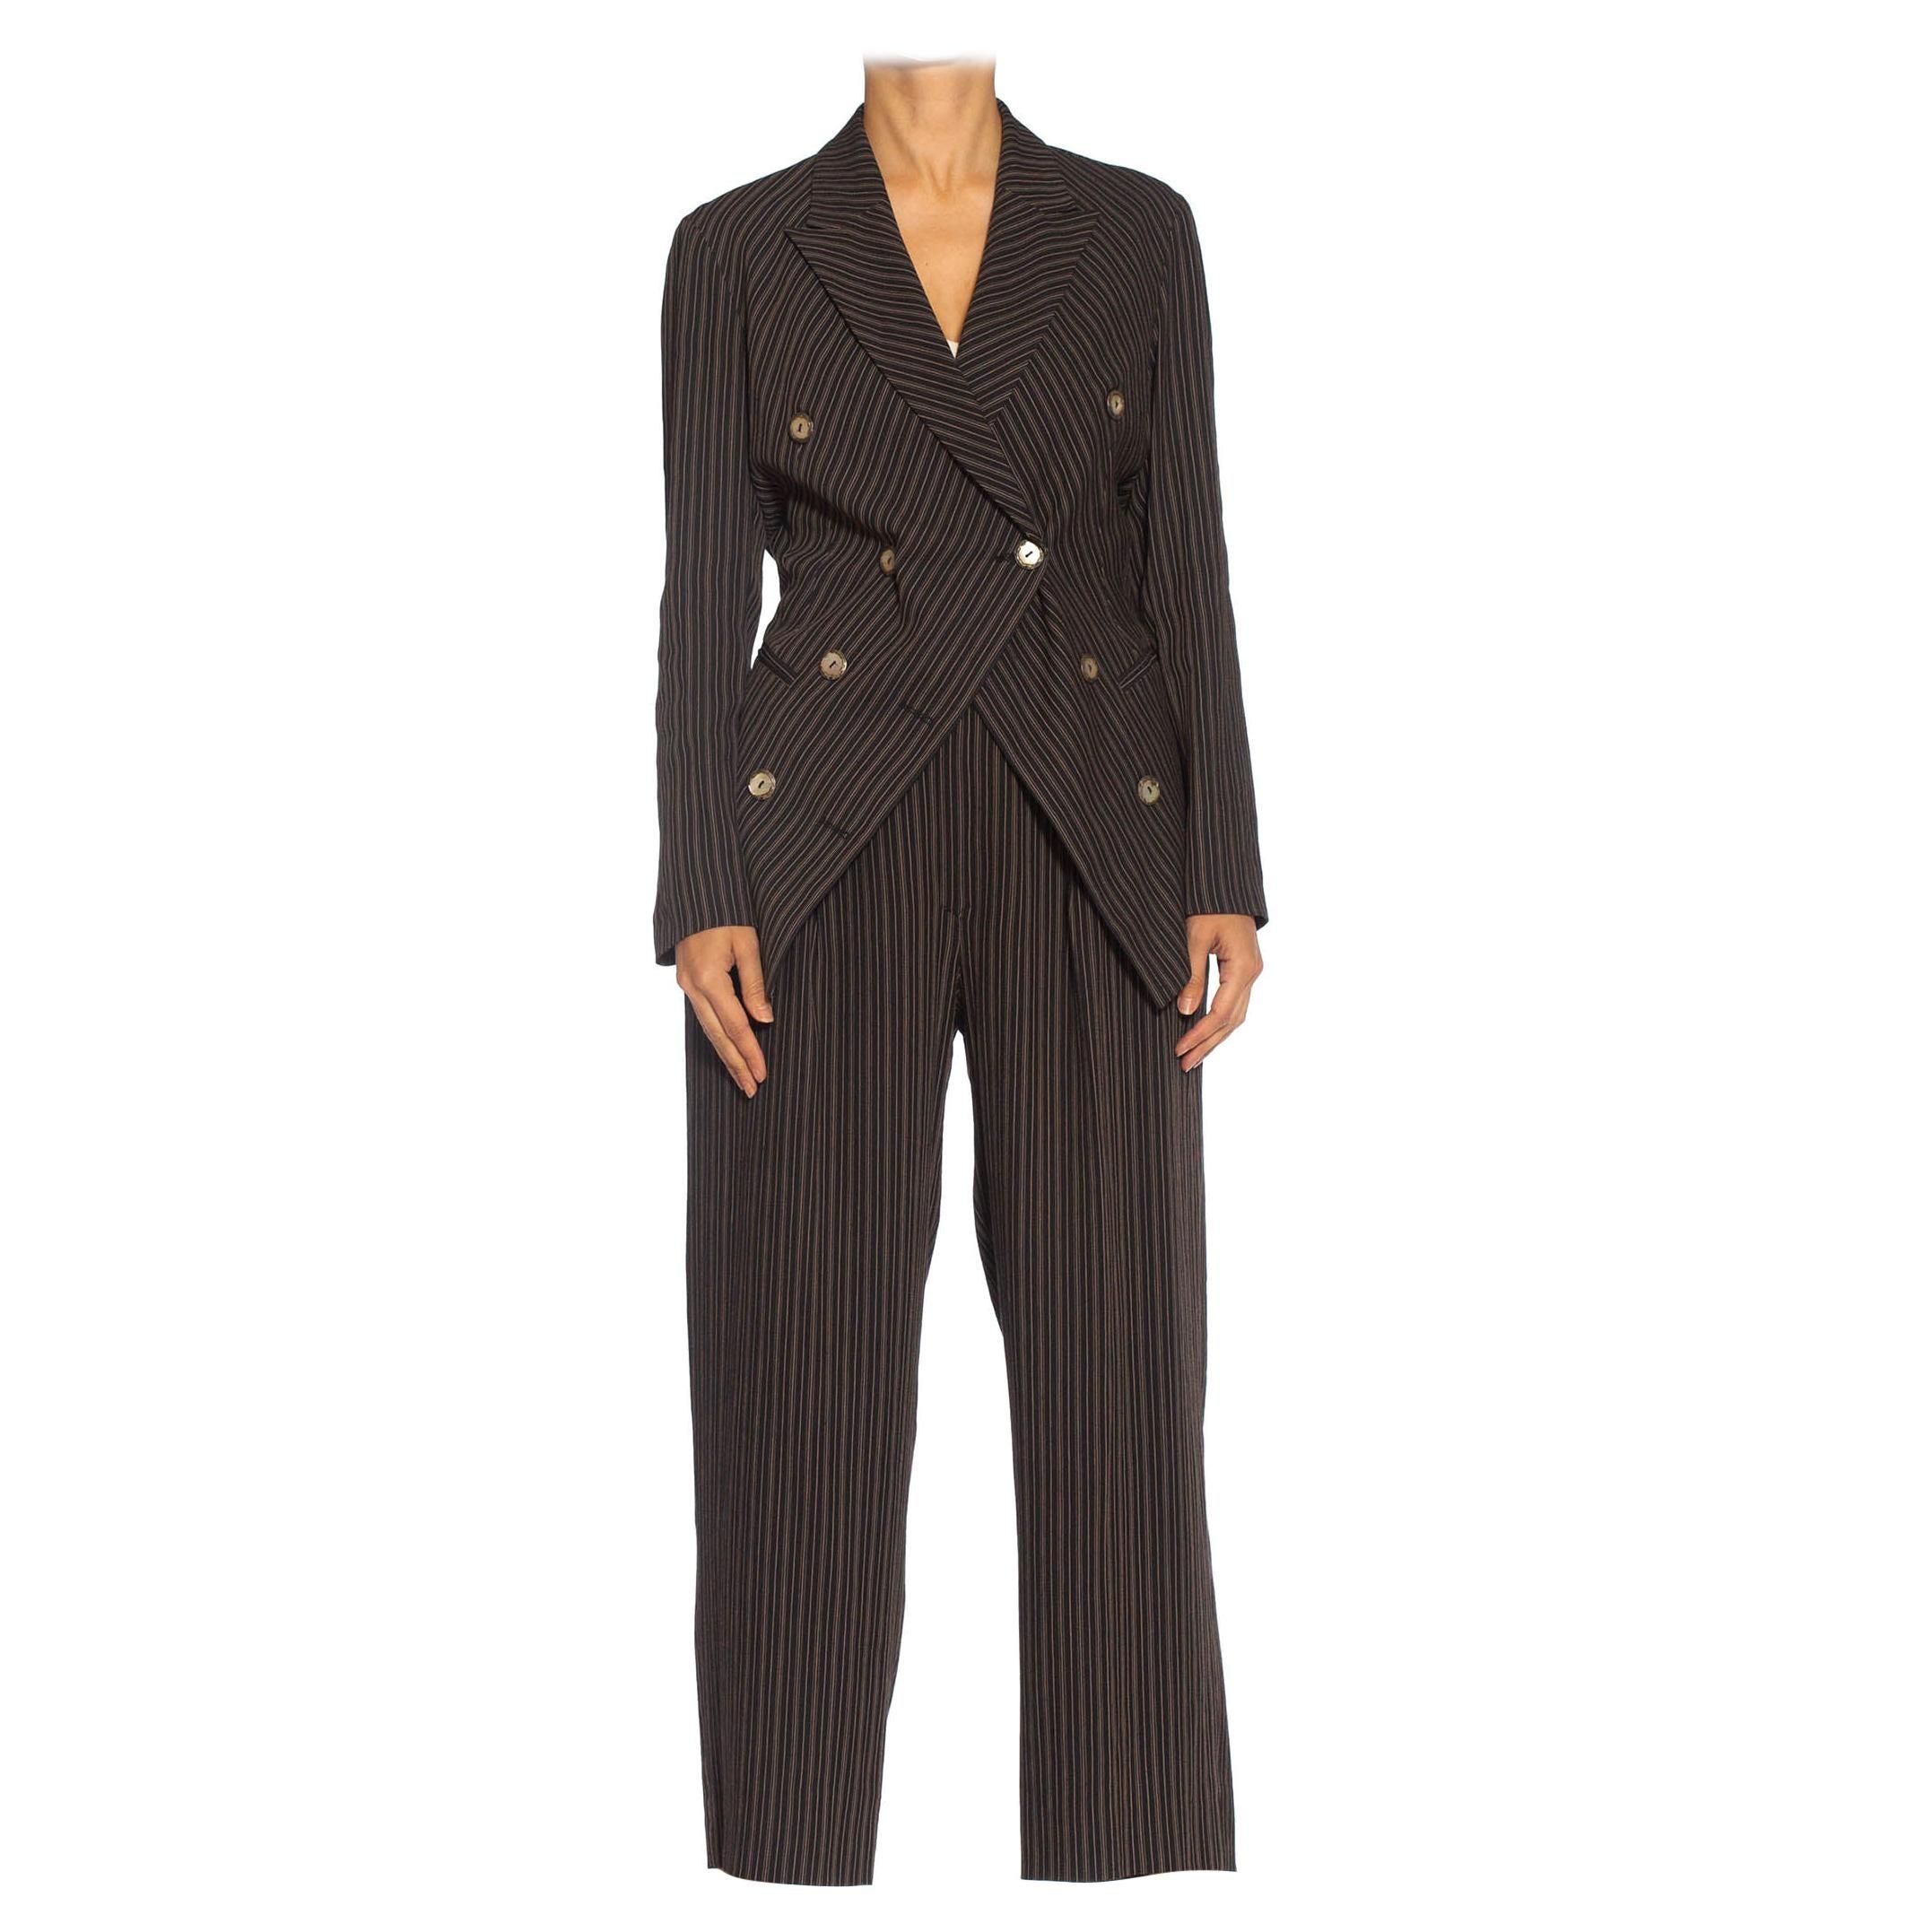 1990S RIFAT OZBEK Black & Beige Linen Blend Pinstripe Pant Suit